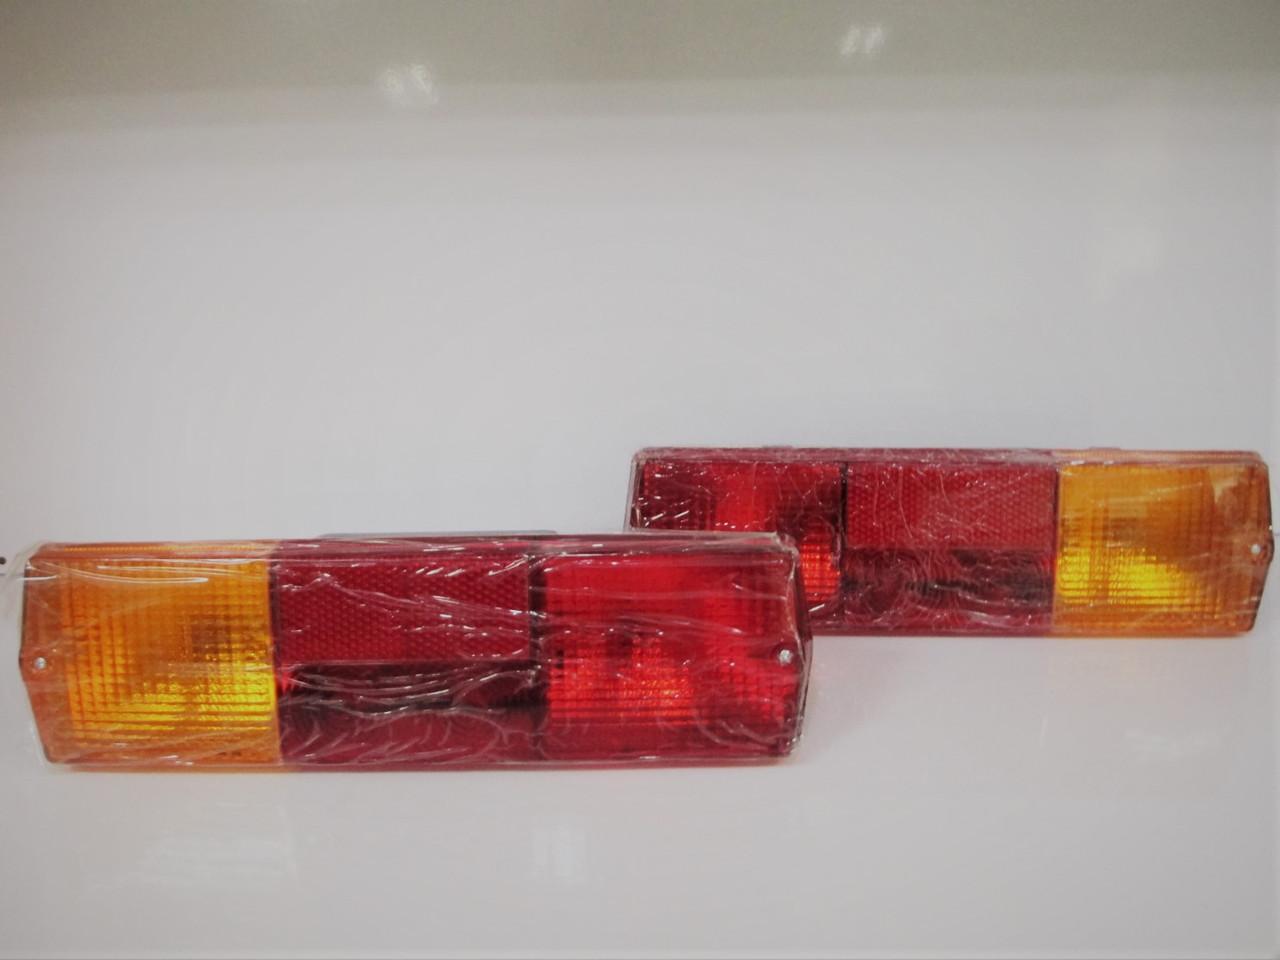 Ліхтар КАМАЗ задн.лів. (кріпл. на 2 болта) ФП130В (нов.зраз.) 24В (ДК)